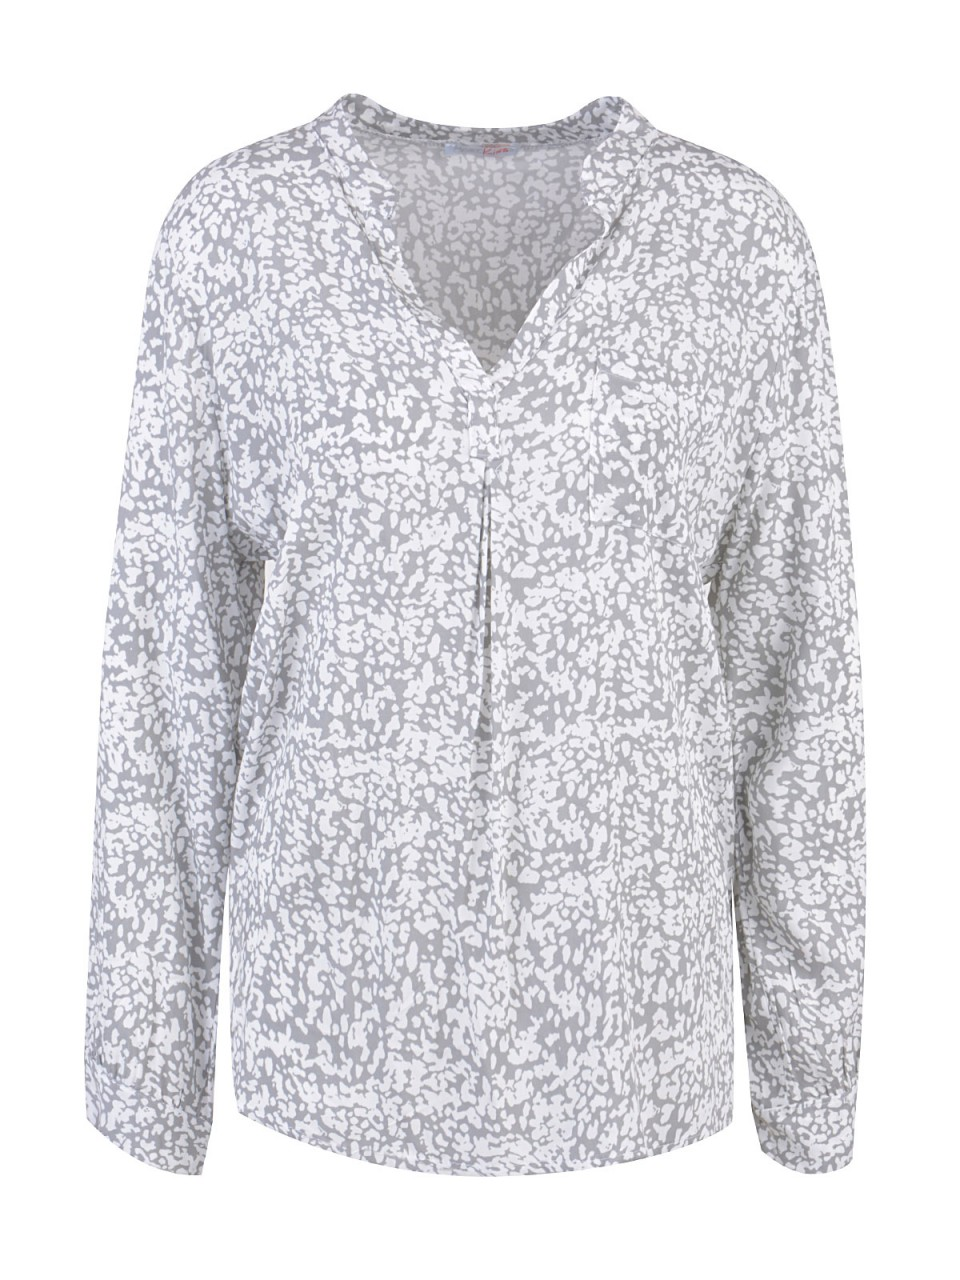 HEARTKISS Damen Bluse, grau